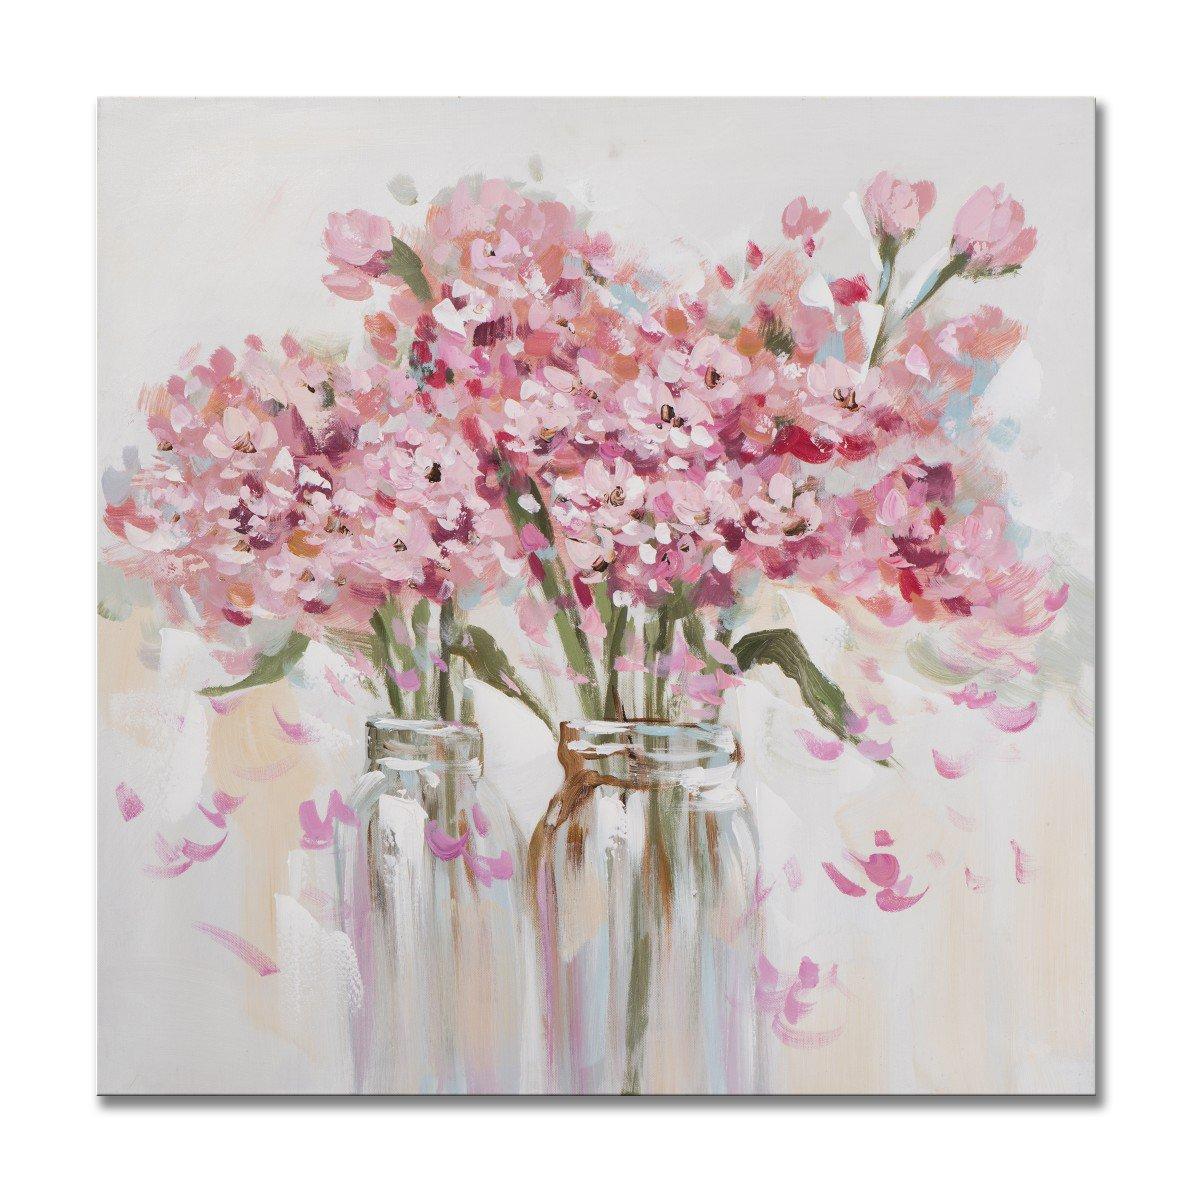 Sieben Wall Arts – Gerahmt Schönes Rosa Blumen Gemälde Blumen in die Vase Gespannte Leinwand für Wohnzimmer